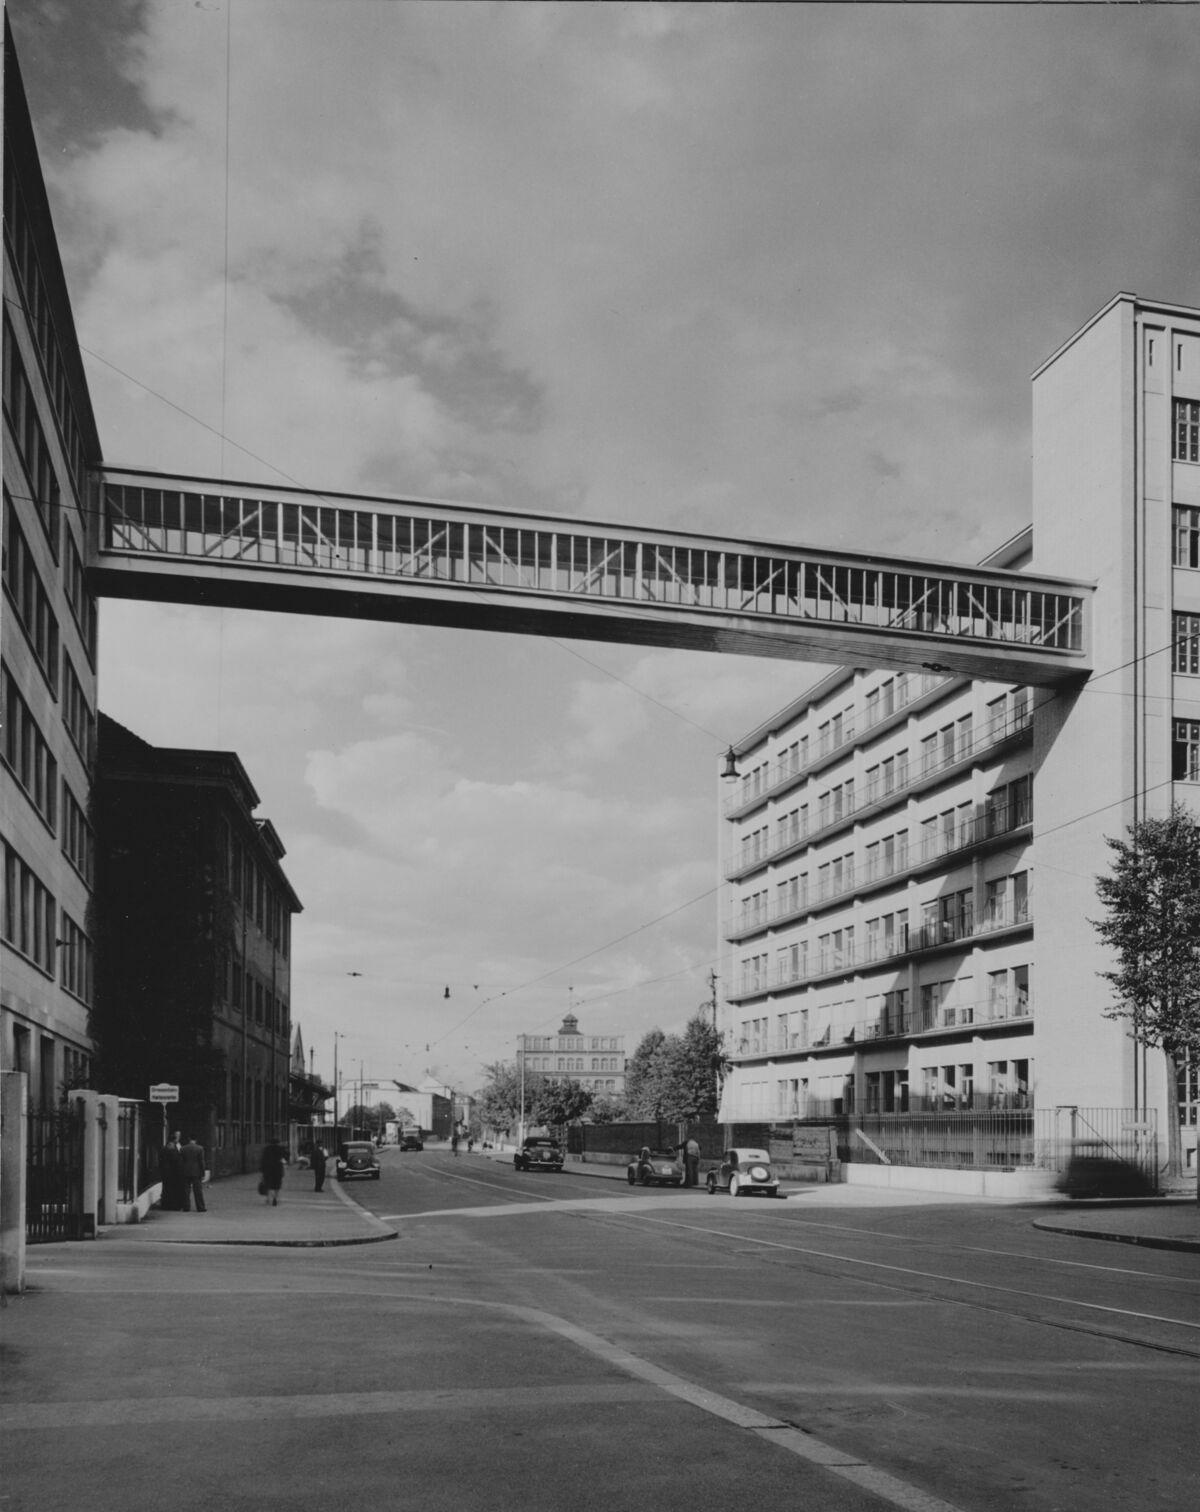 GFA 20/135.199: Stahl- und Brückenbau: Passerelle